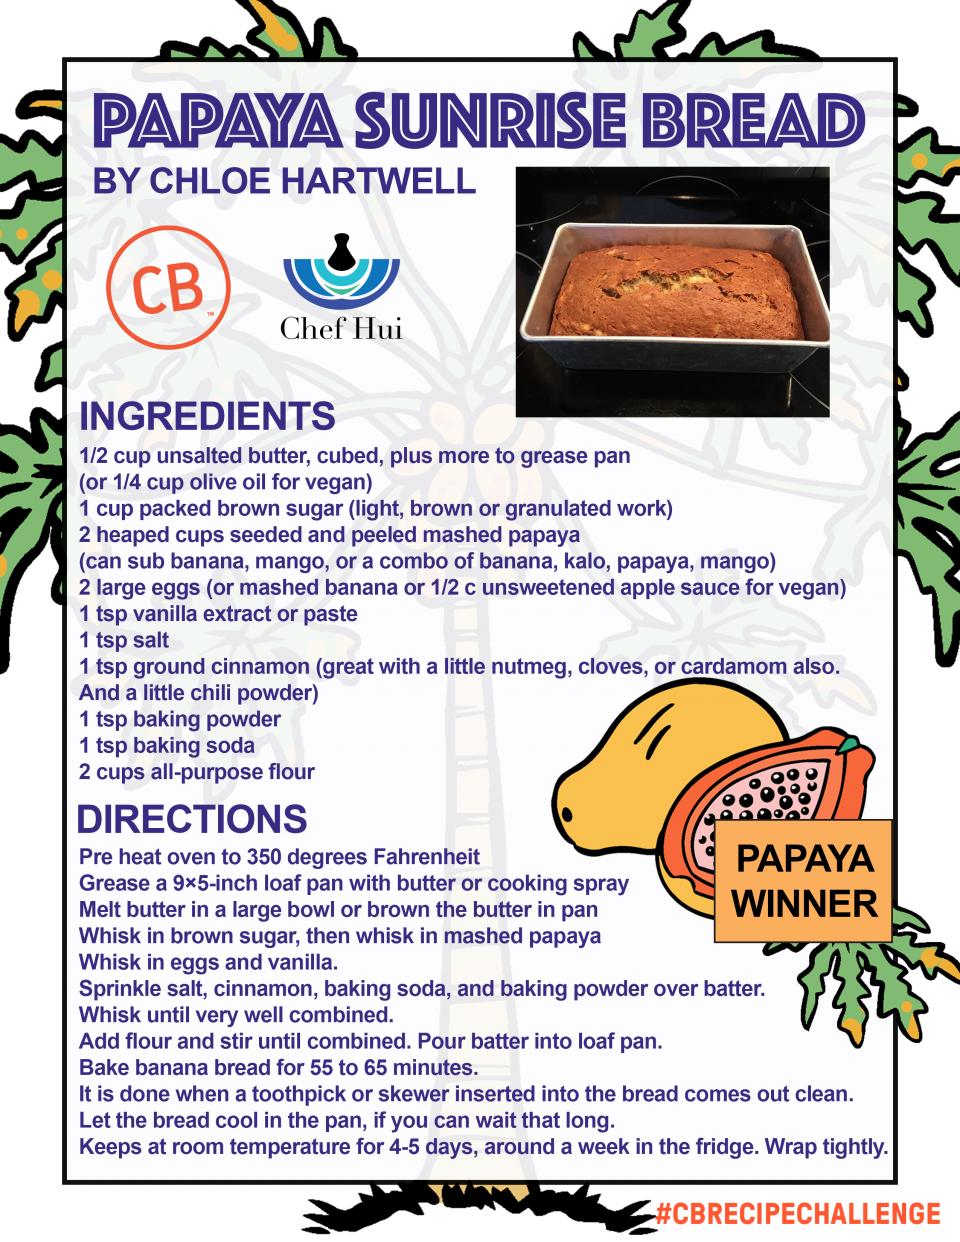 Papaya Sunrise Bread